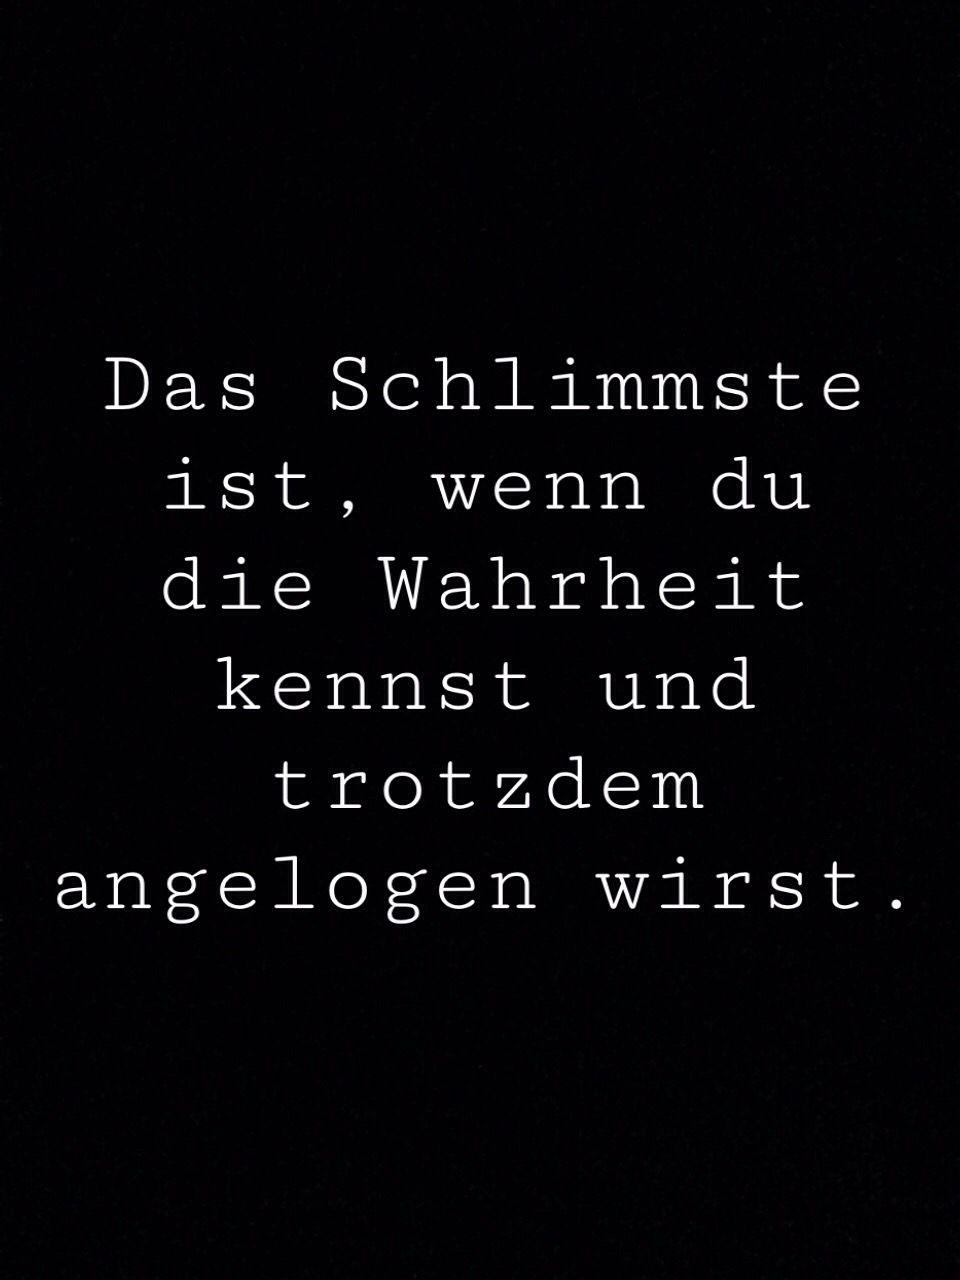 sprüche nachdenken traurig Sprüche nachdenken | traurig Zitate | Quotes, German quotes und Words sprüche nachdenken traurig